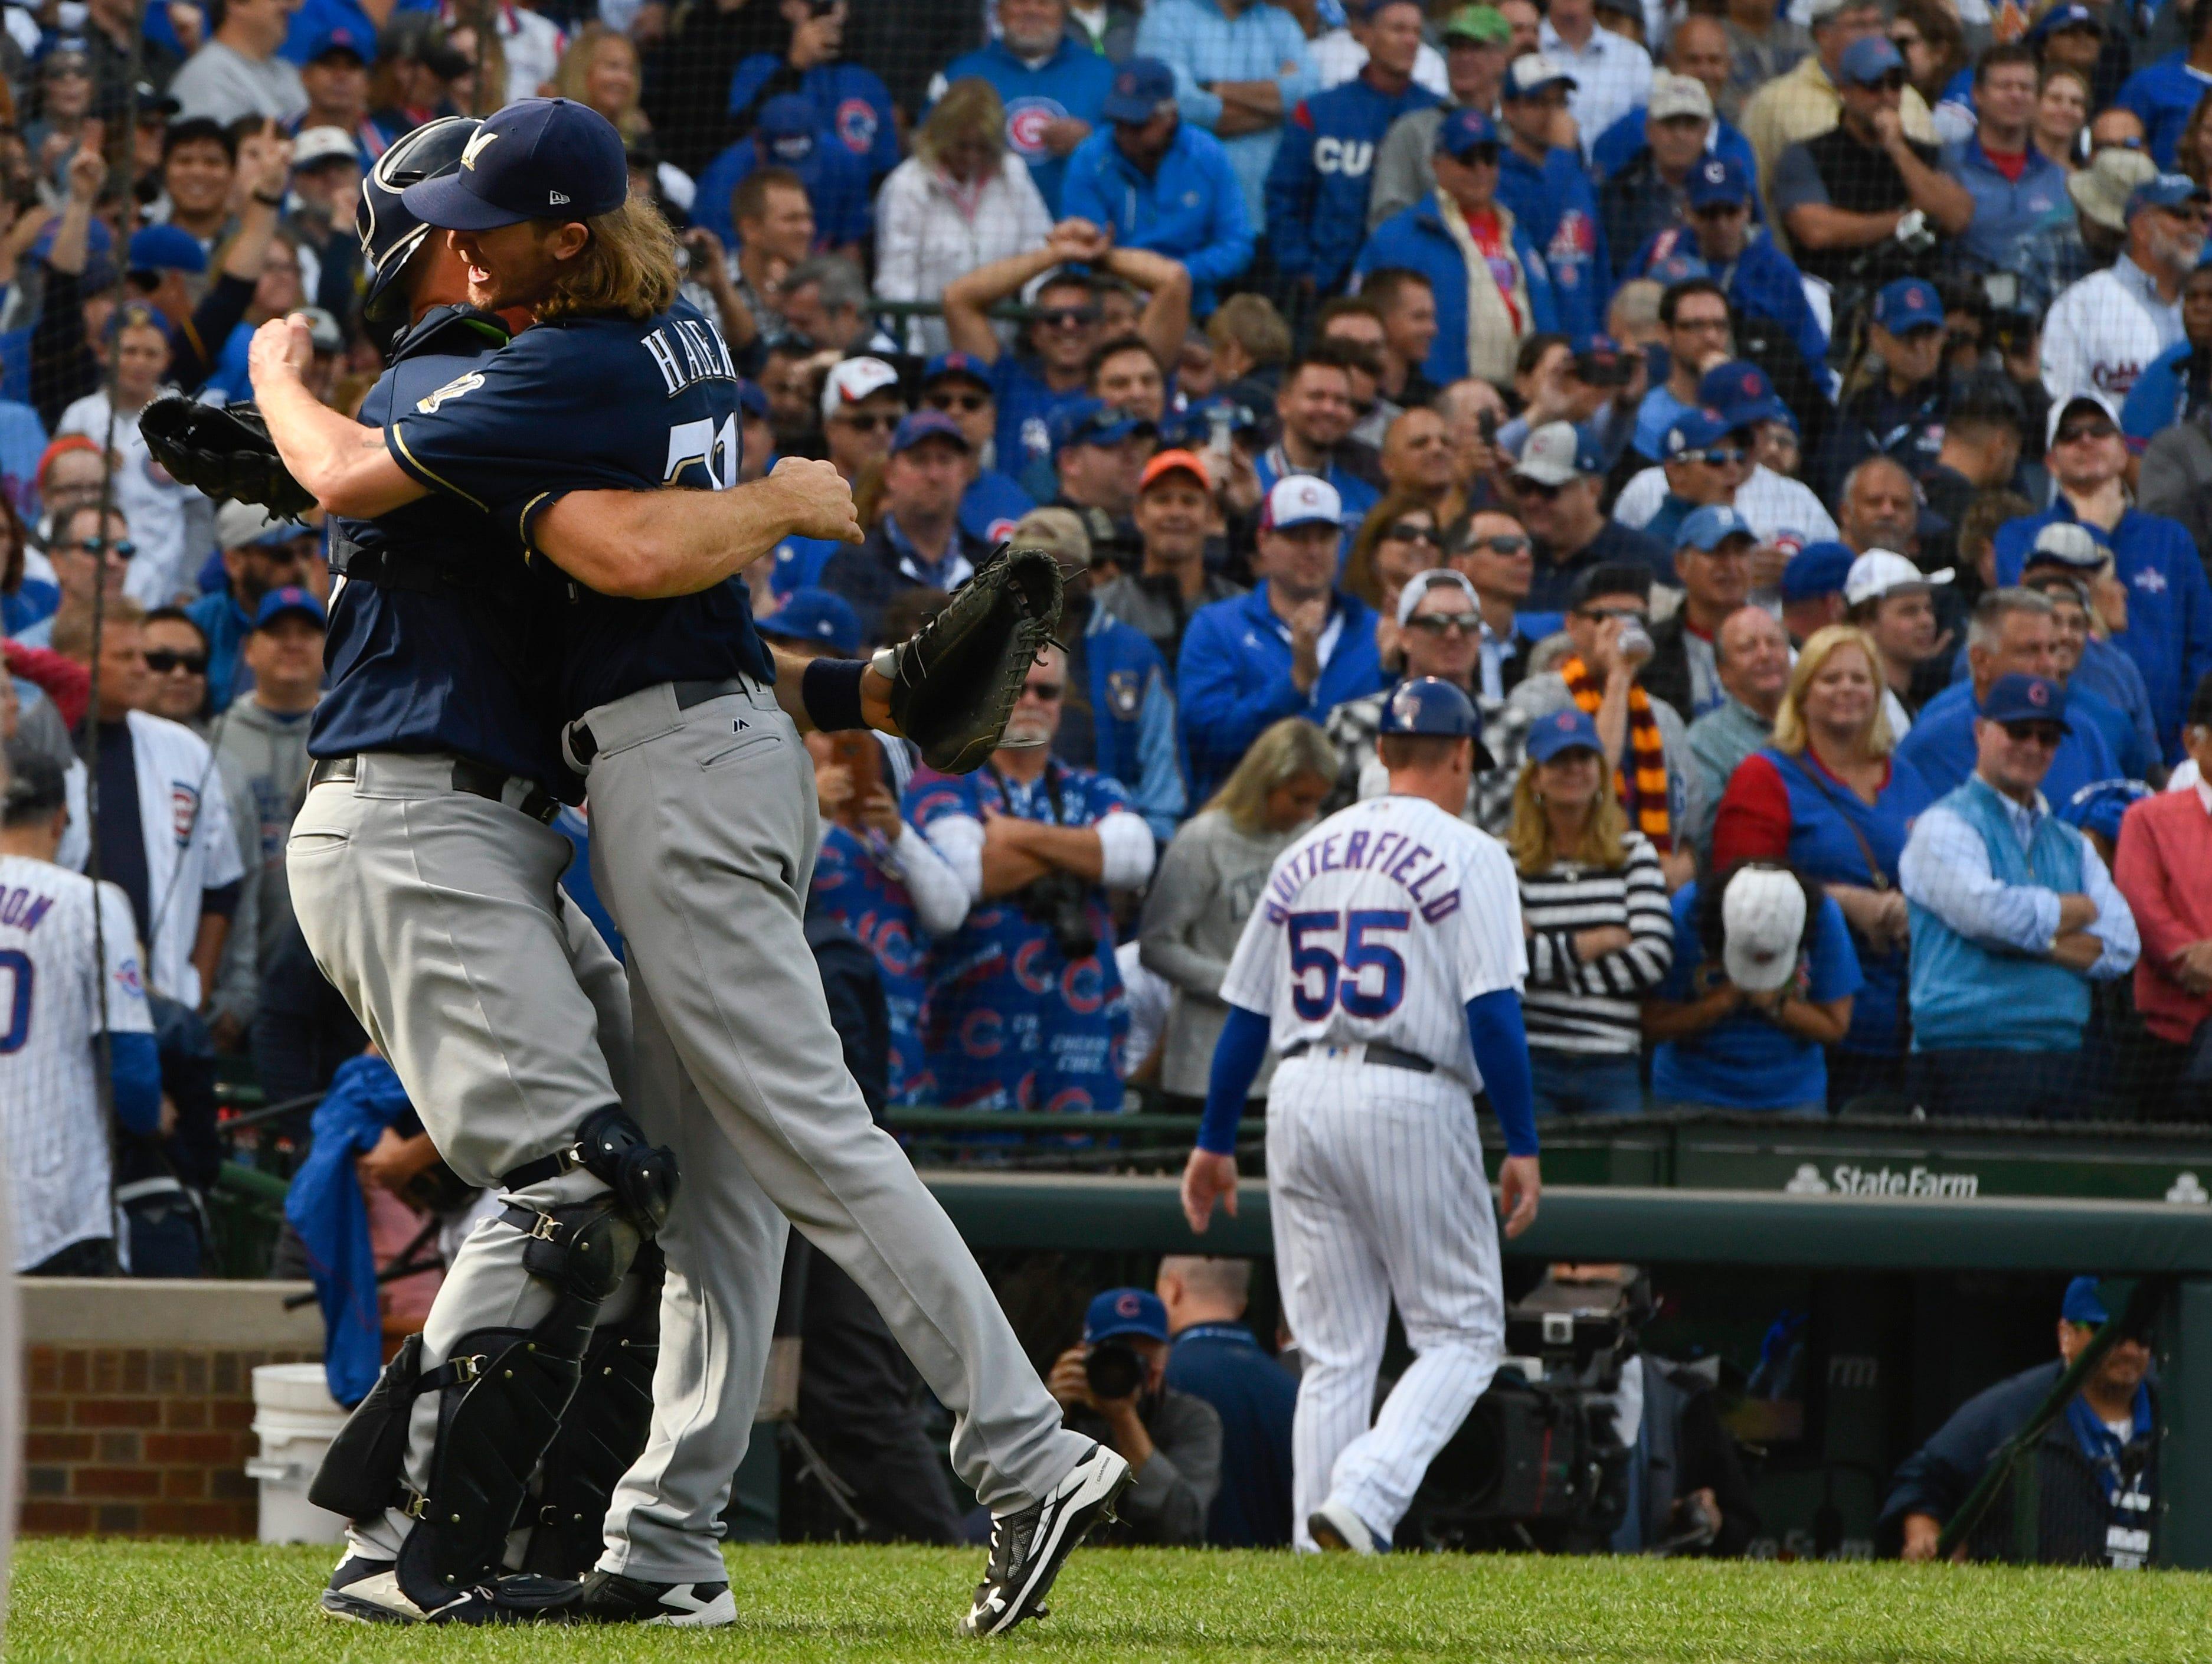 Brewers reliever Josh Hader hugs catcher Erik Kratz after the final out.